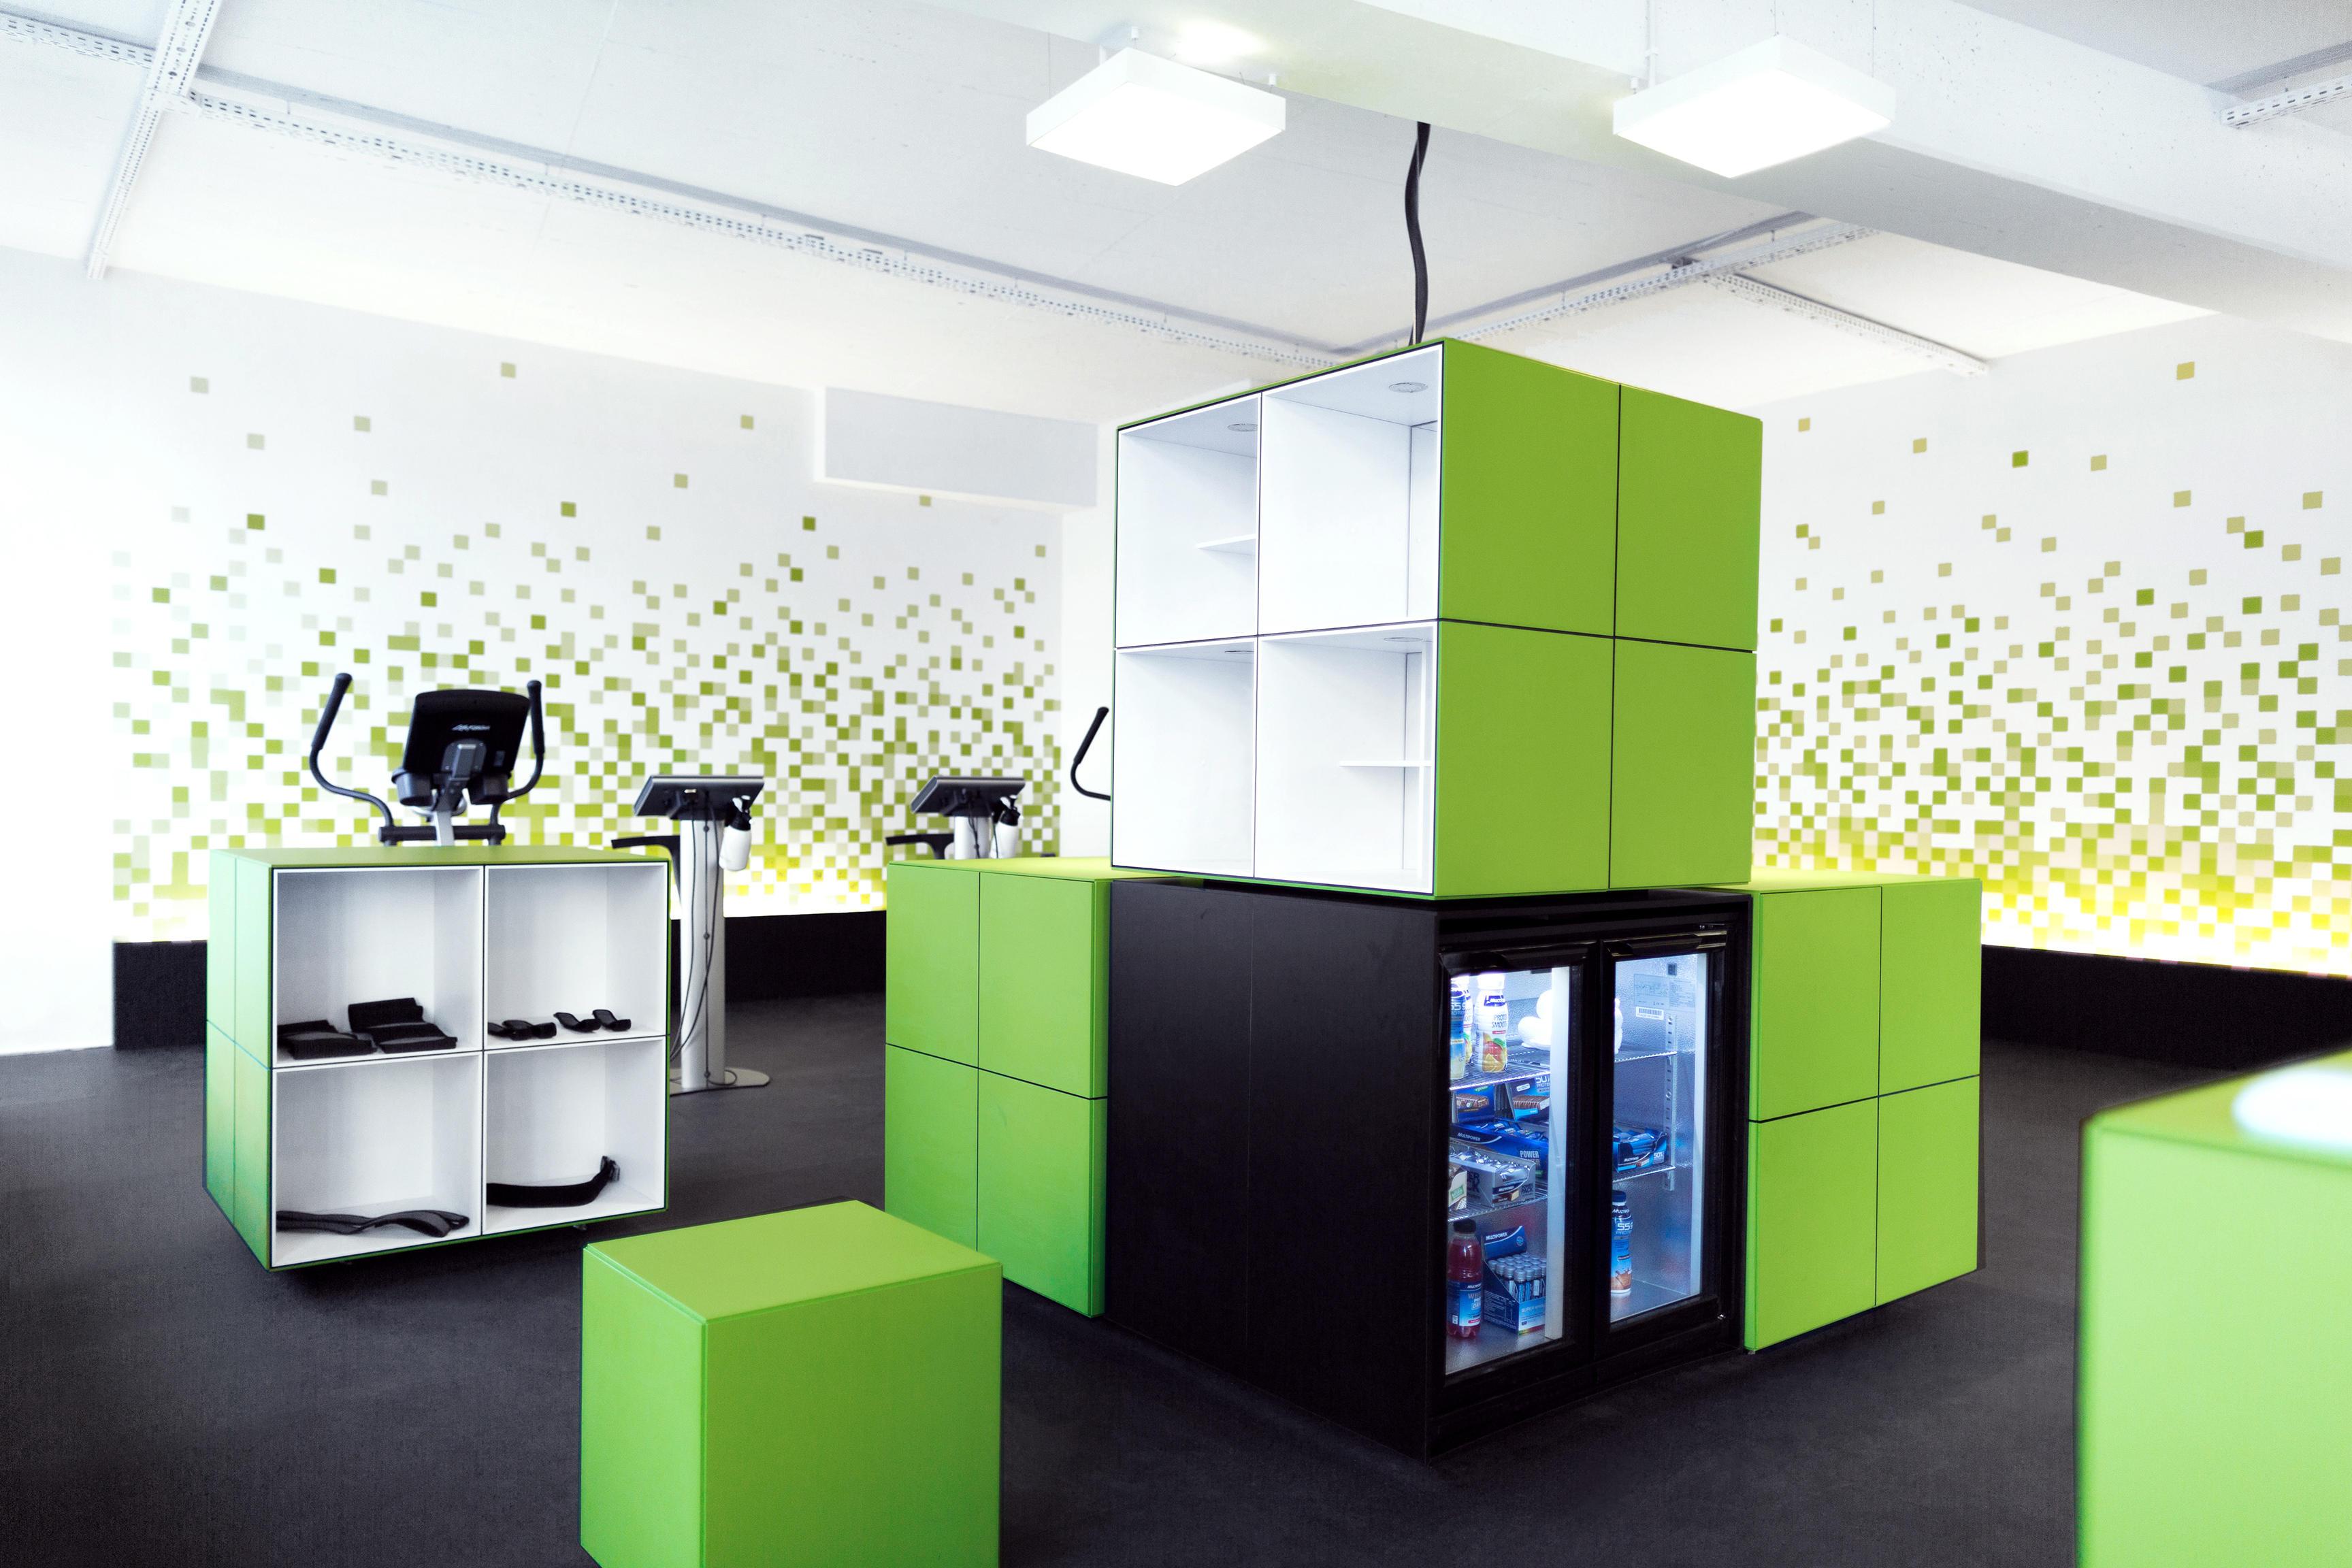 ems fitnessstudio fitbox berlin kollwitzplatz in berlin branchenbuch deutschland. Black Bedroom Furniture Sets. Home Design Ideas